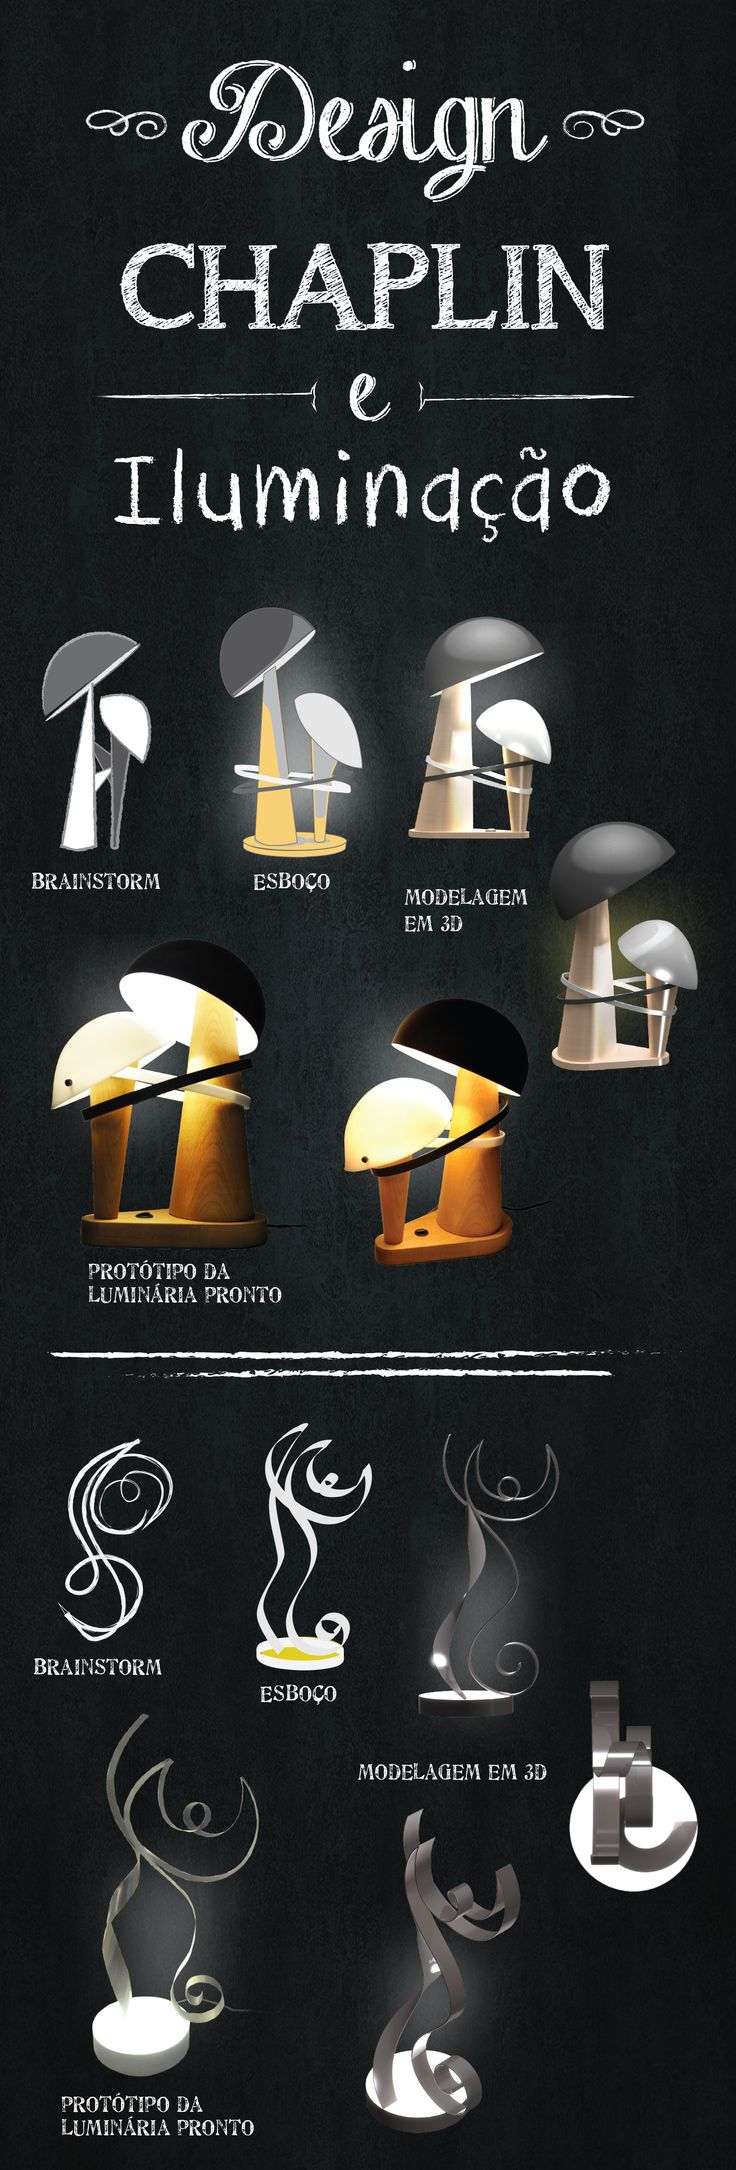 Trabalho de Conclusão de Curso em Design de Produto pela UNESP Bauru.  Criação de luminárias baseadas em 2 filmes de Charlie Chaplin: O Garoto e Tempos Modernos.